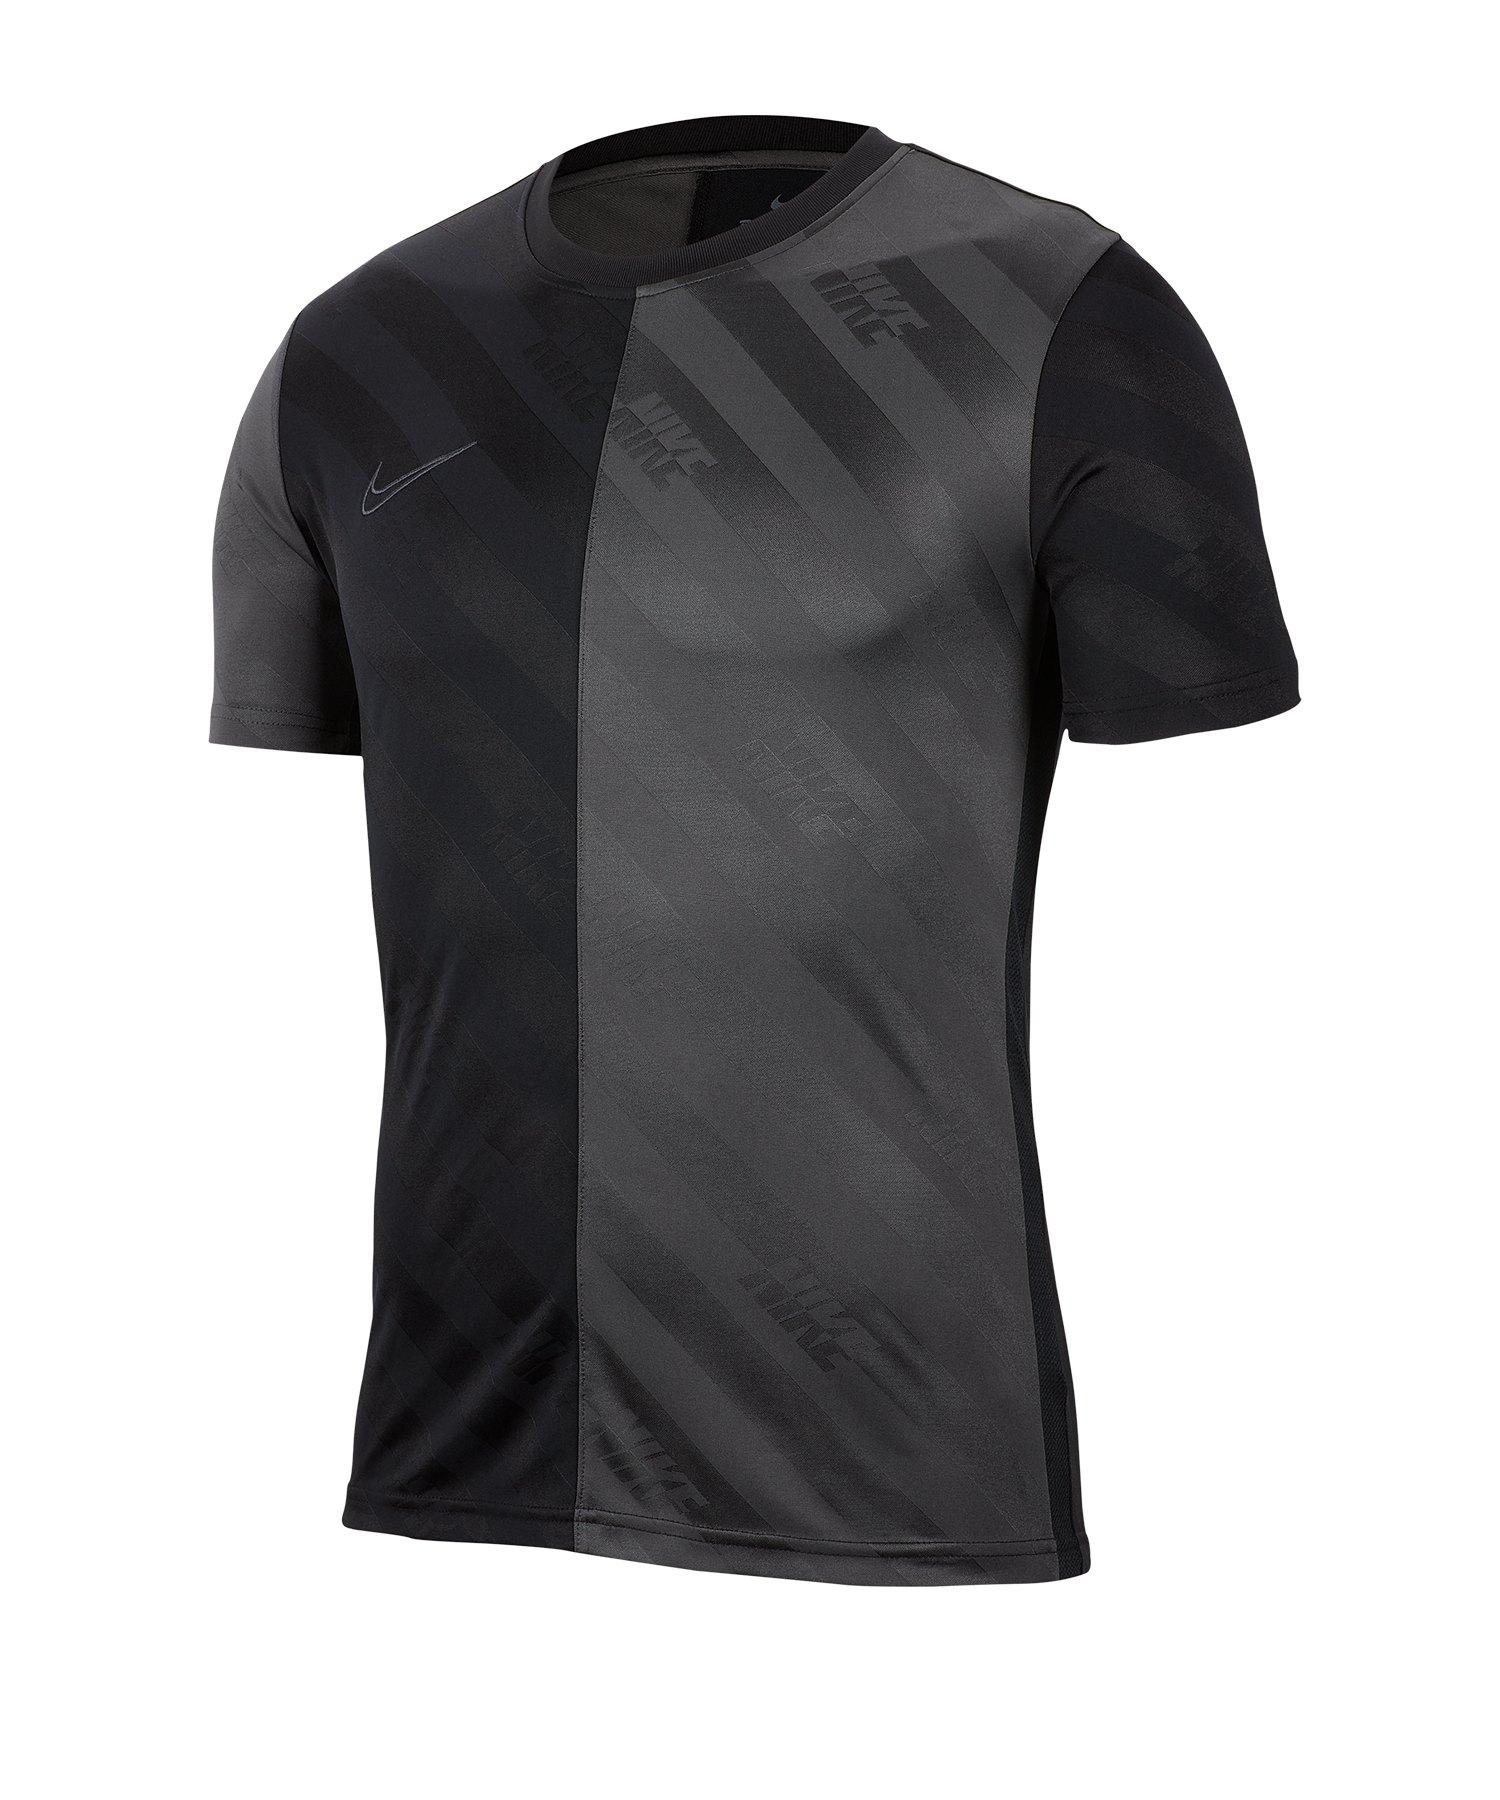 Nike Dri-FIT Academy Training Shirt Schwarz F010 - schwarz